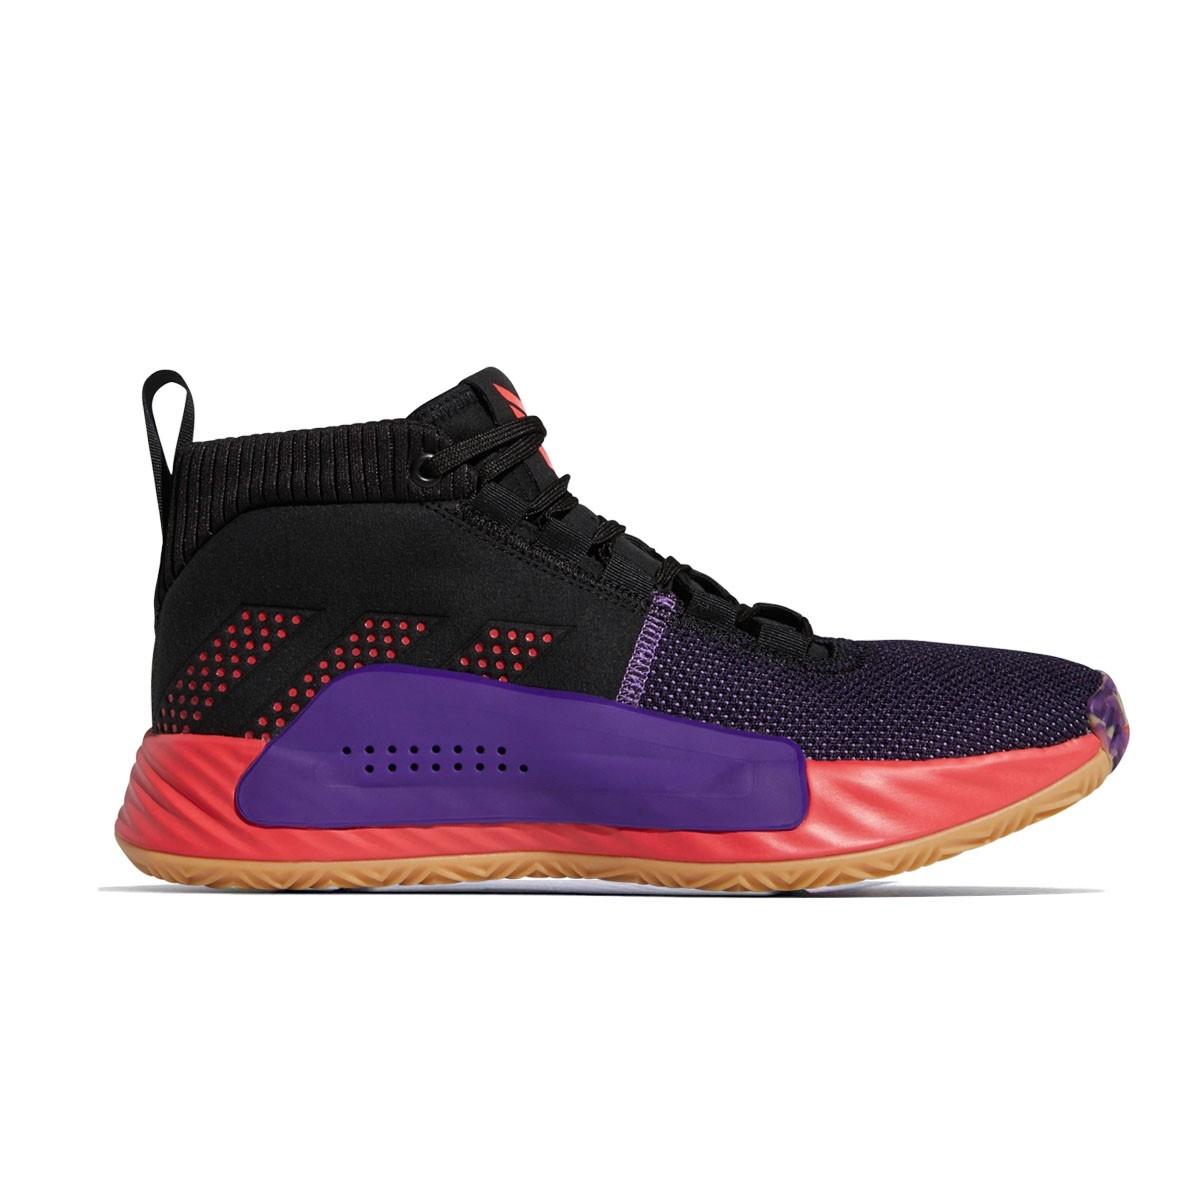 ADIDAS Dame 5 'CBC' Basketball shoes